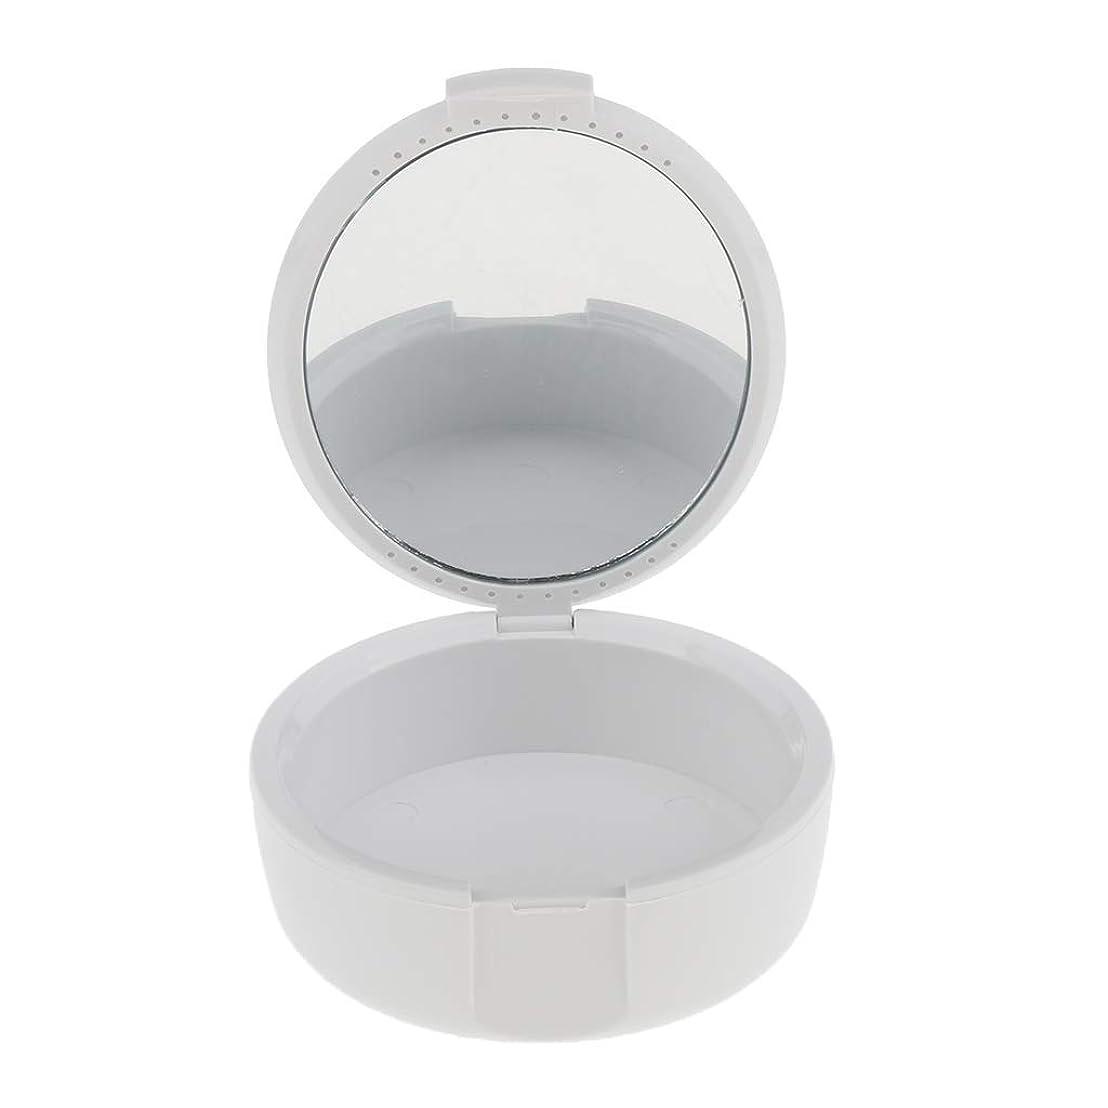 外国人または魅惑するD DOLITY 義歯ケース マウスガードケース ミラー付き 便利 2色選べ - 白